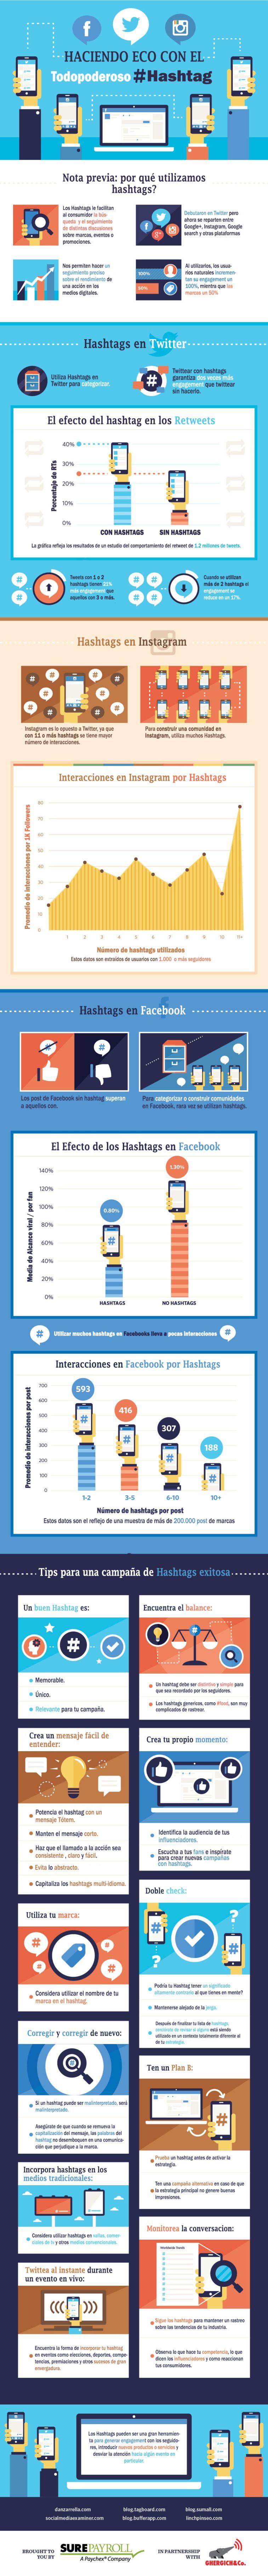 ¿Por qué debemos usar #hashtags en casi cualquier red social? [Infografía].  Un hashtag es una etiqueta que sirve, principalmente, para poner orden entre todos los contenidos que se comparten diariamente en una red social y ayuda a los que la utilizan a encontrar aquella información que buscan.